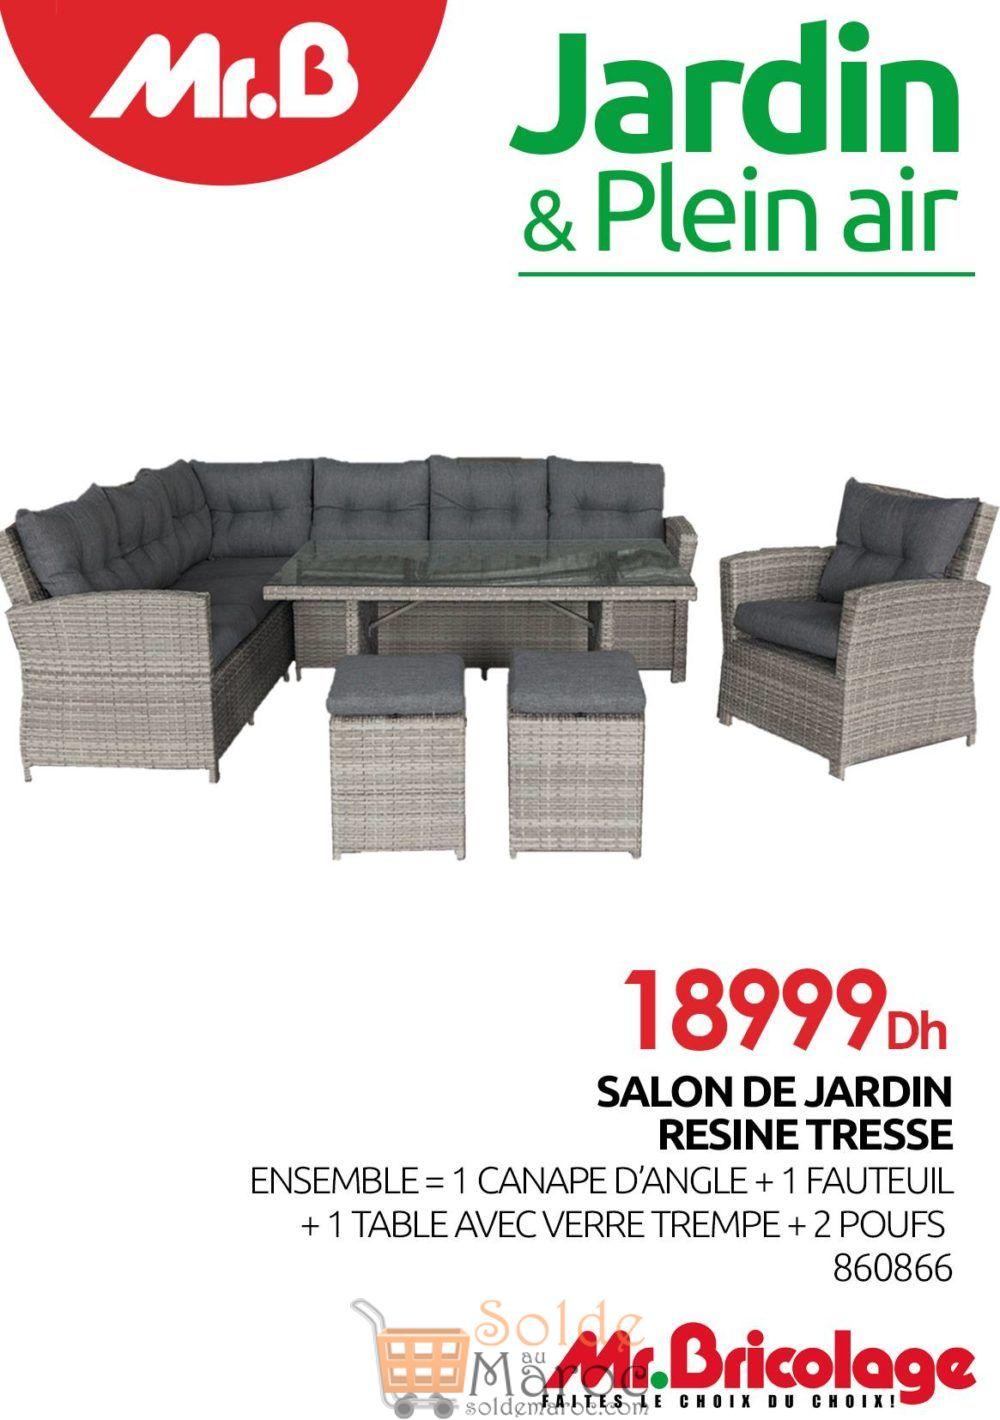 Flyer Mr Bricolage Maroc Jardin & Plein air 2018